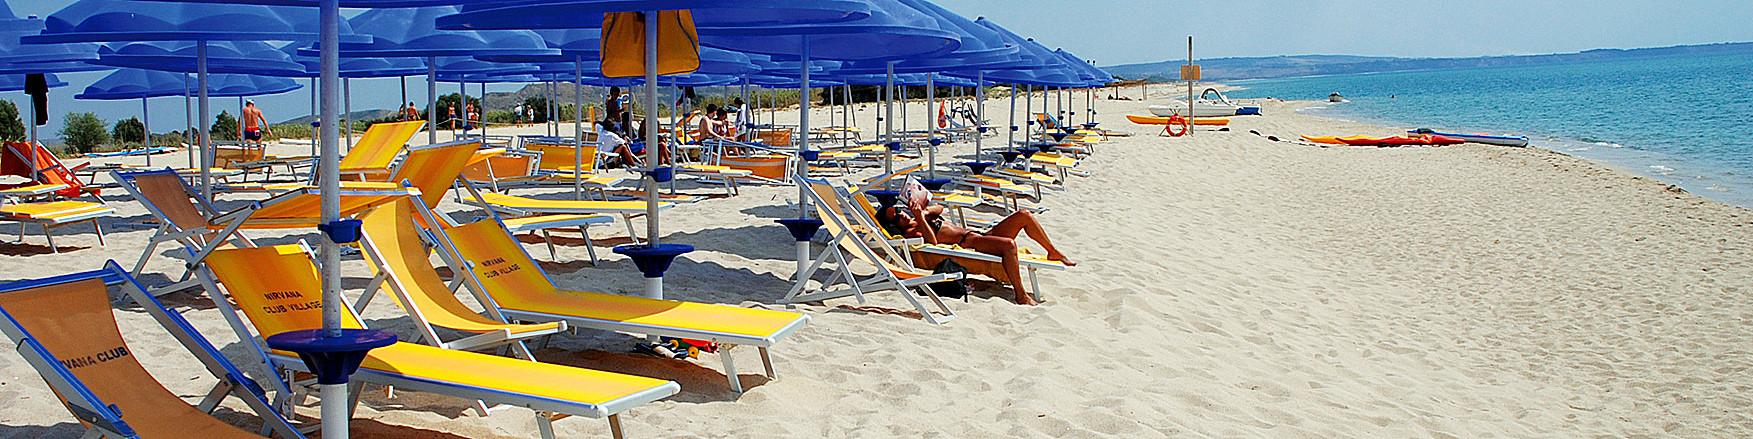 Belcastro Marina, plážový servis Nirvana Club